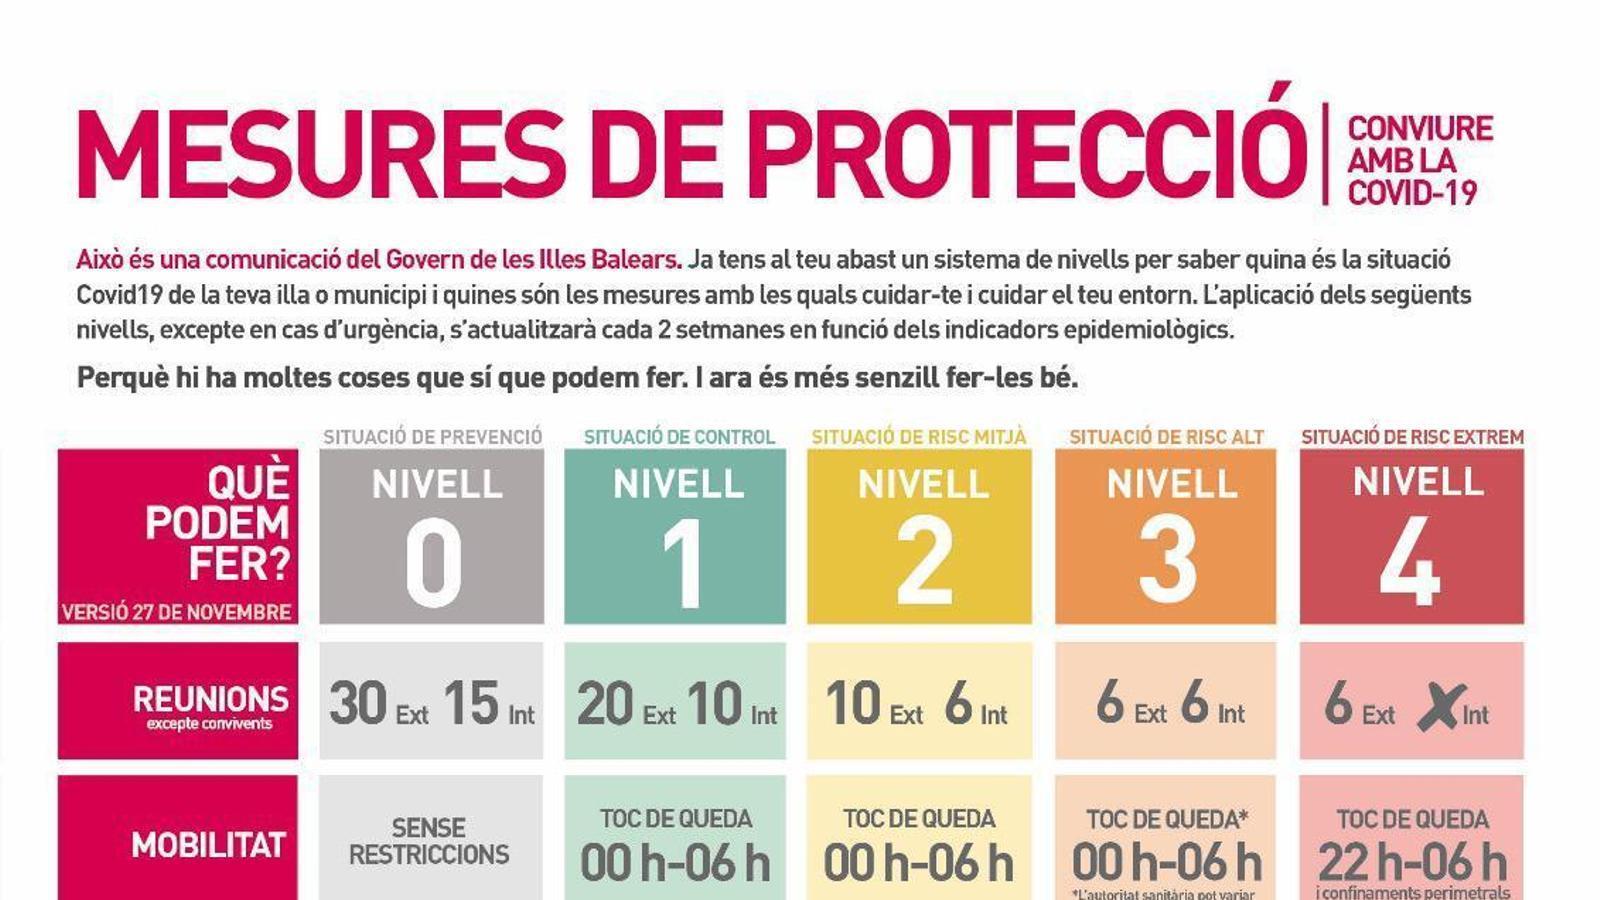 Restriccions en funció de cada nivell d'alerta sanitària